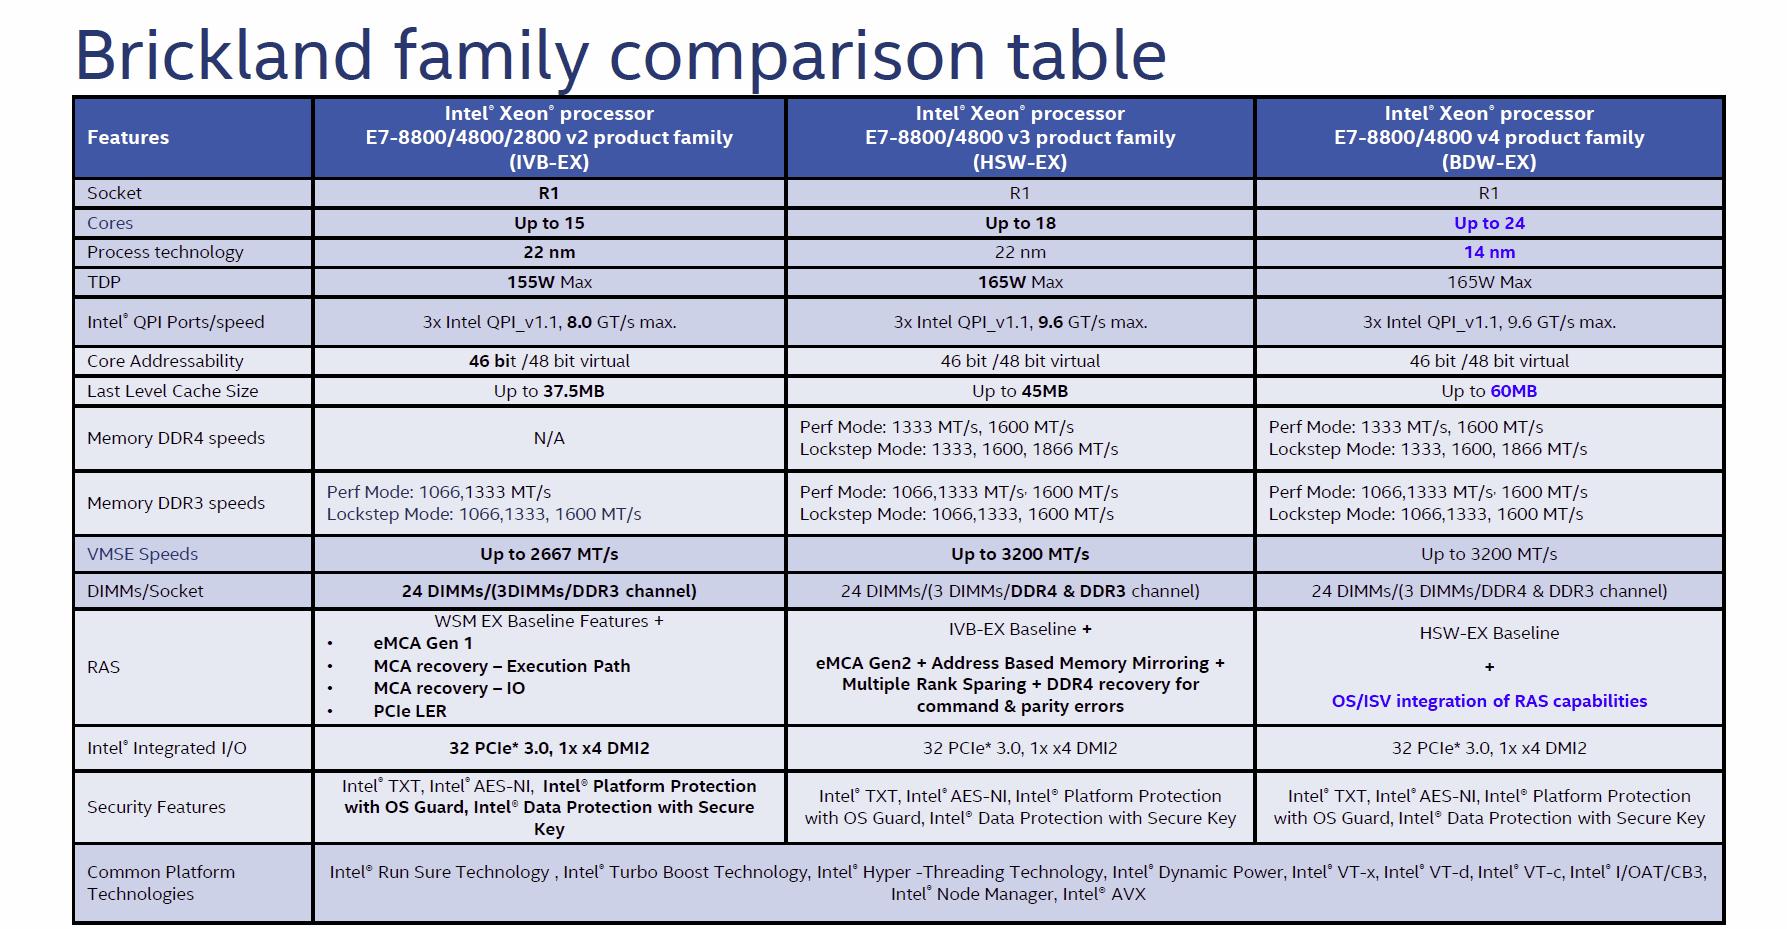 Vergleich von 3 Generationen